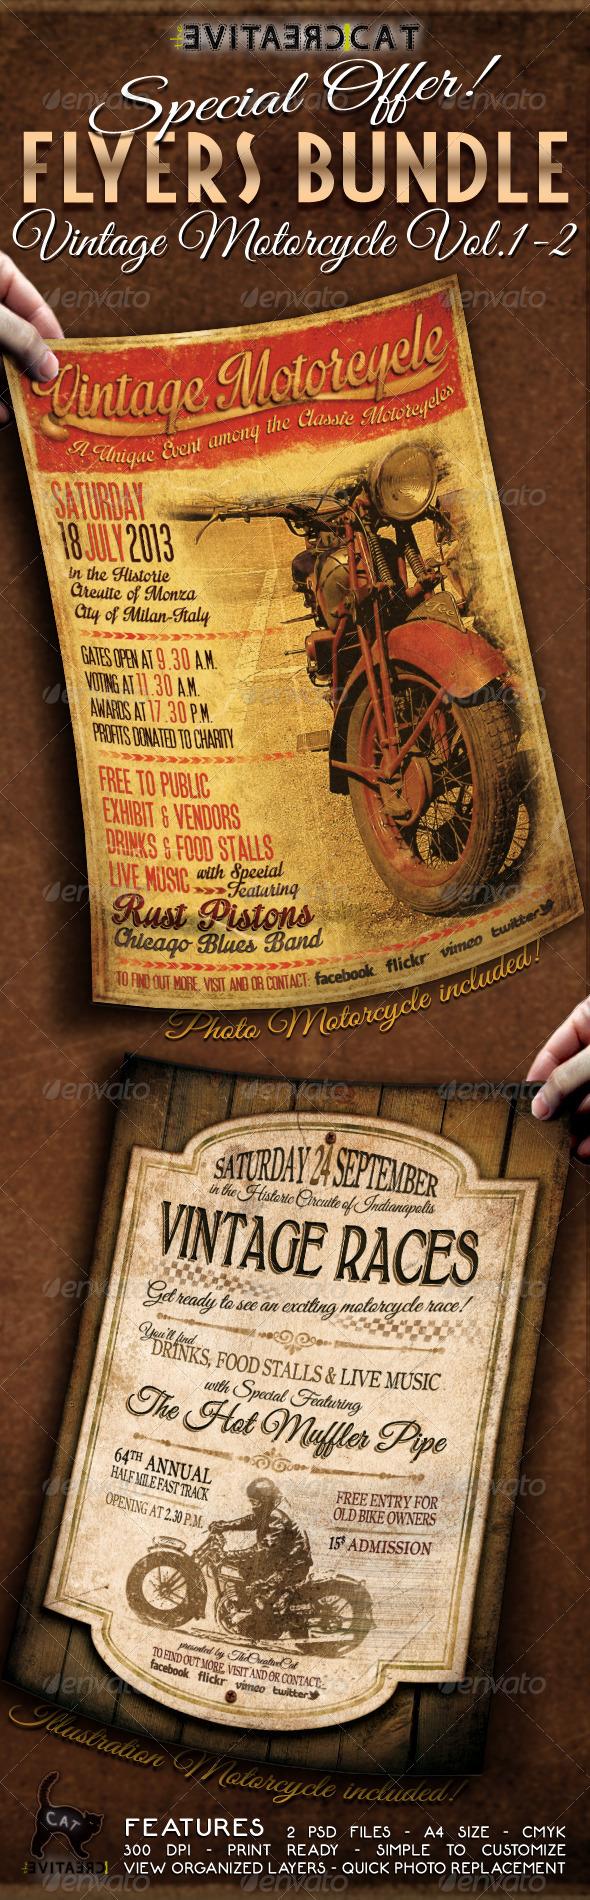 vintage motorcycle flyer poster bundle vol 1 2 graphicriver. Black Bedroom Furniture Sets. Home Design Ideas